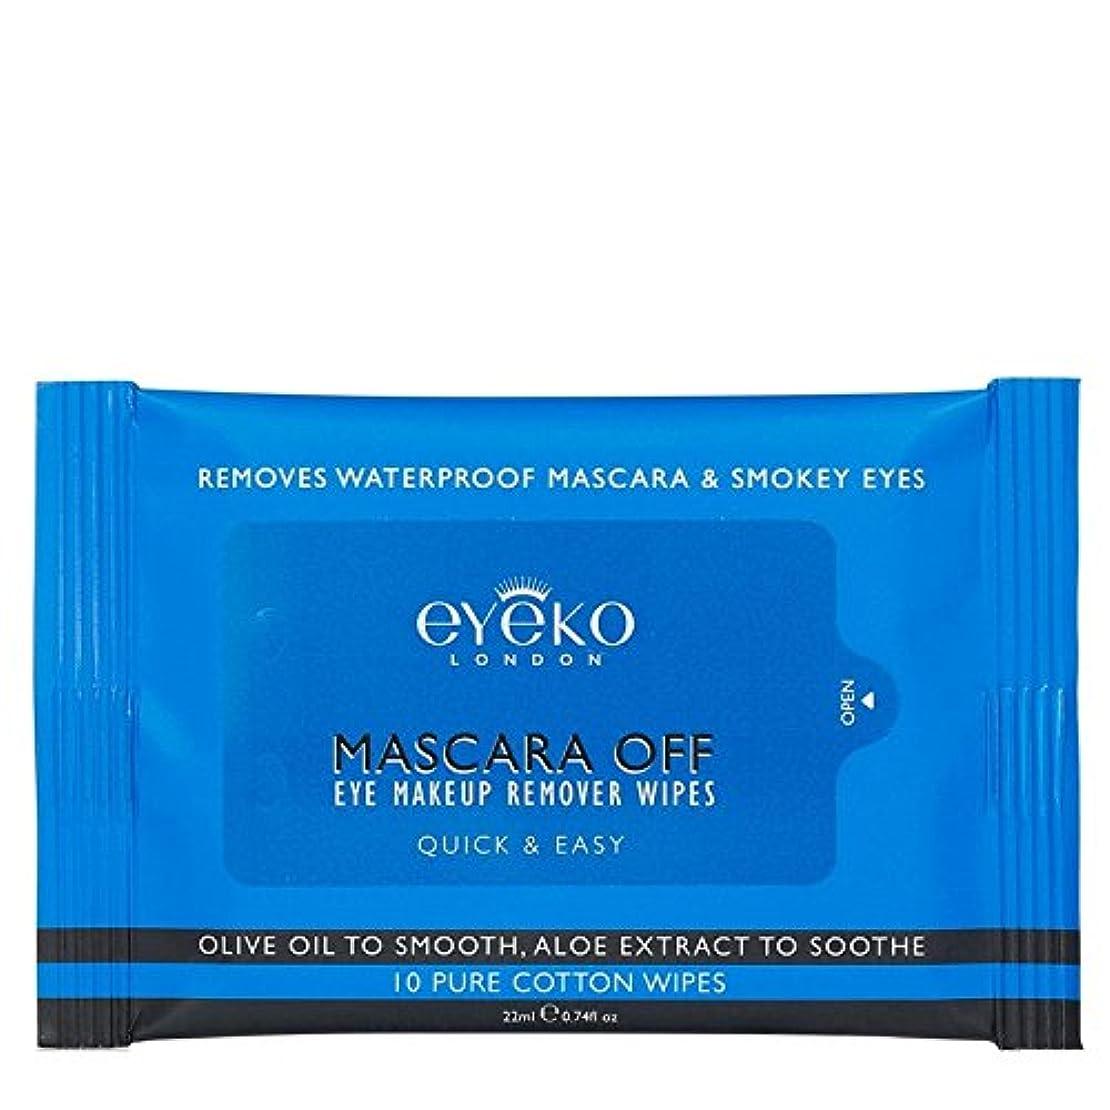 租界ポーク並外れたマスカラオフパックあたり10ワイプ x2 - Eyeko Mascara off Wipes 10 per pack (Pack of 2) [並行輸入品]